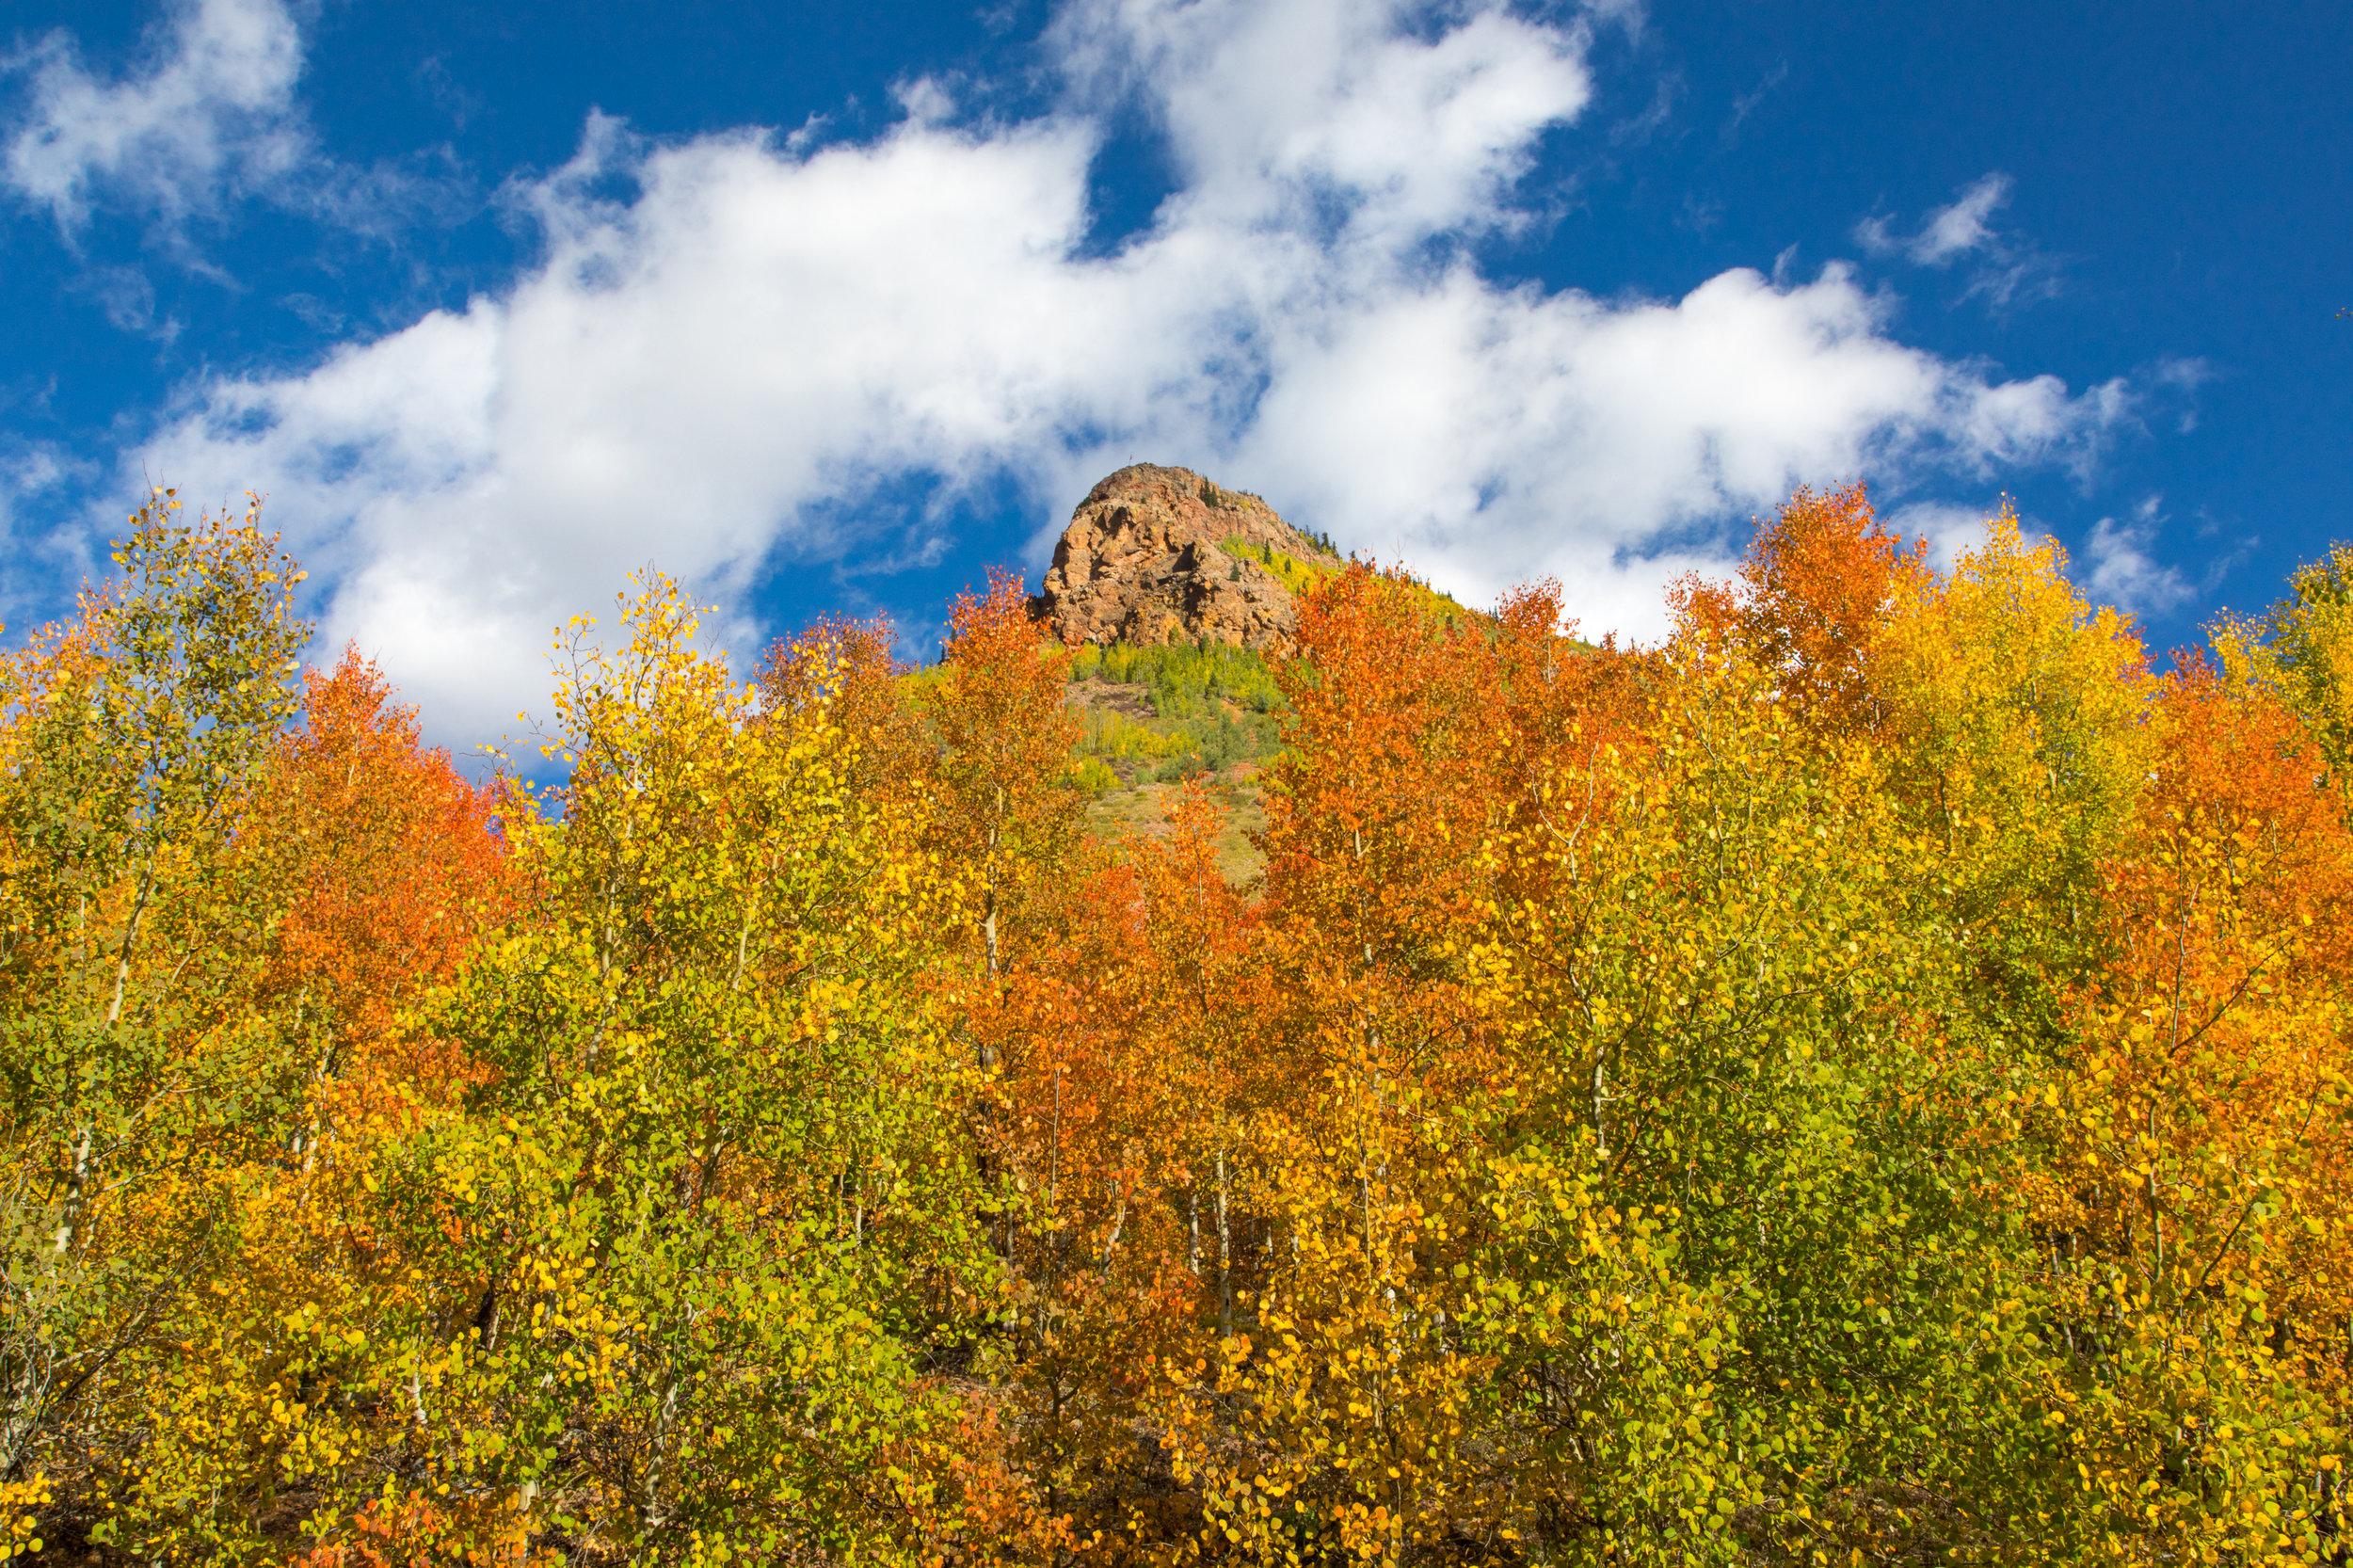 Silverton, Colorado, Image # 9371